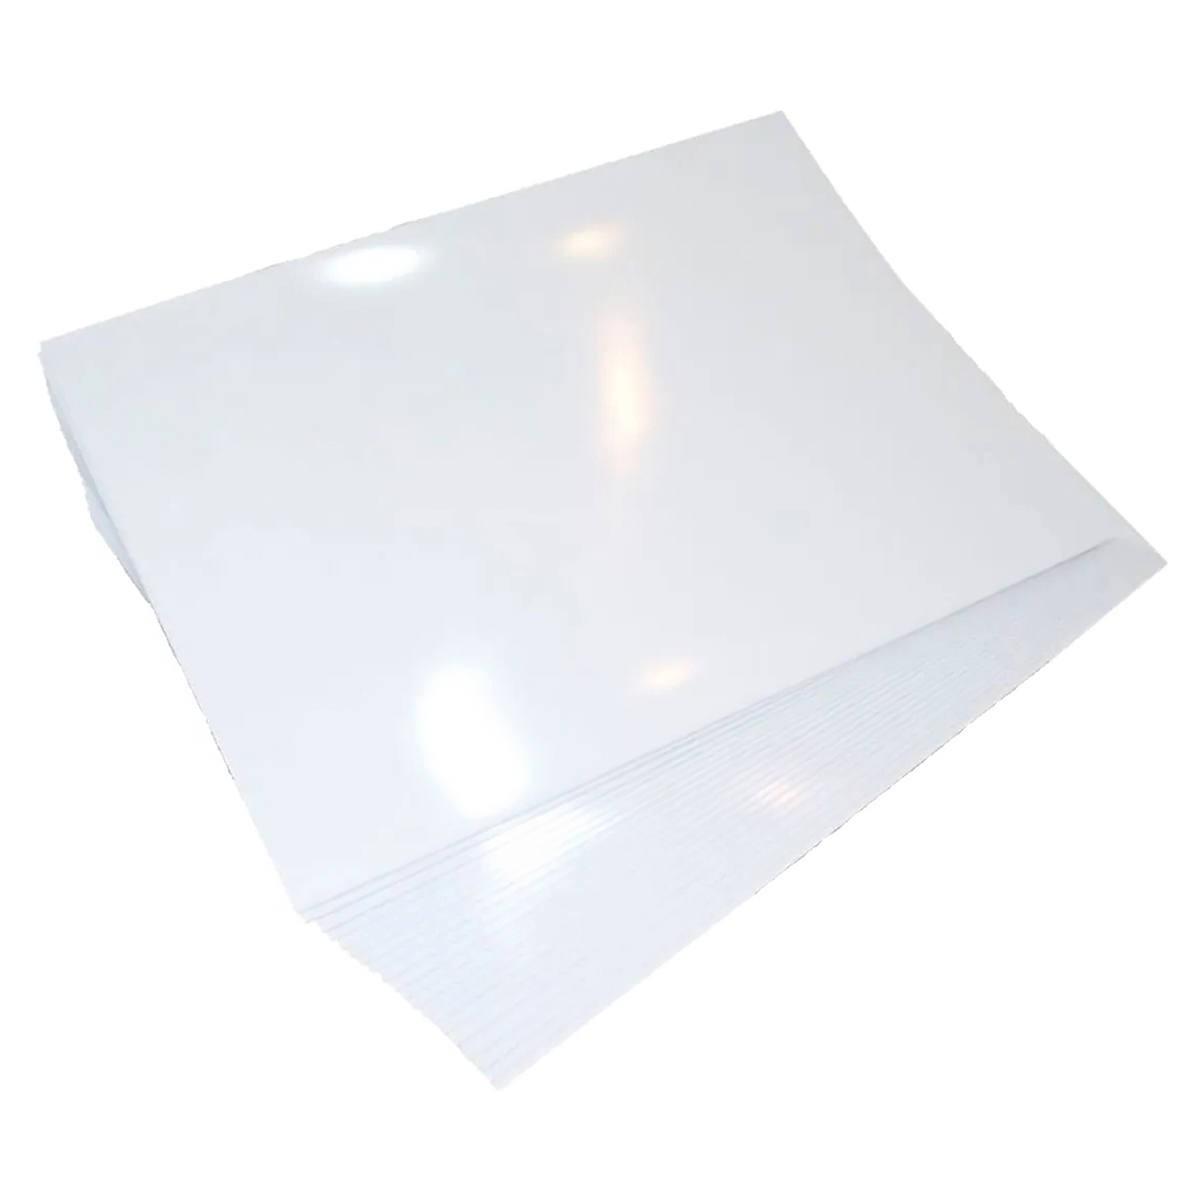 Vinil Adesivo Branco Brilhante à Prova d'água 135g A4 PVC Autoadesivo / 10 folhas